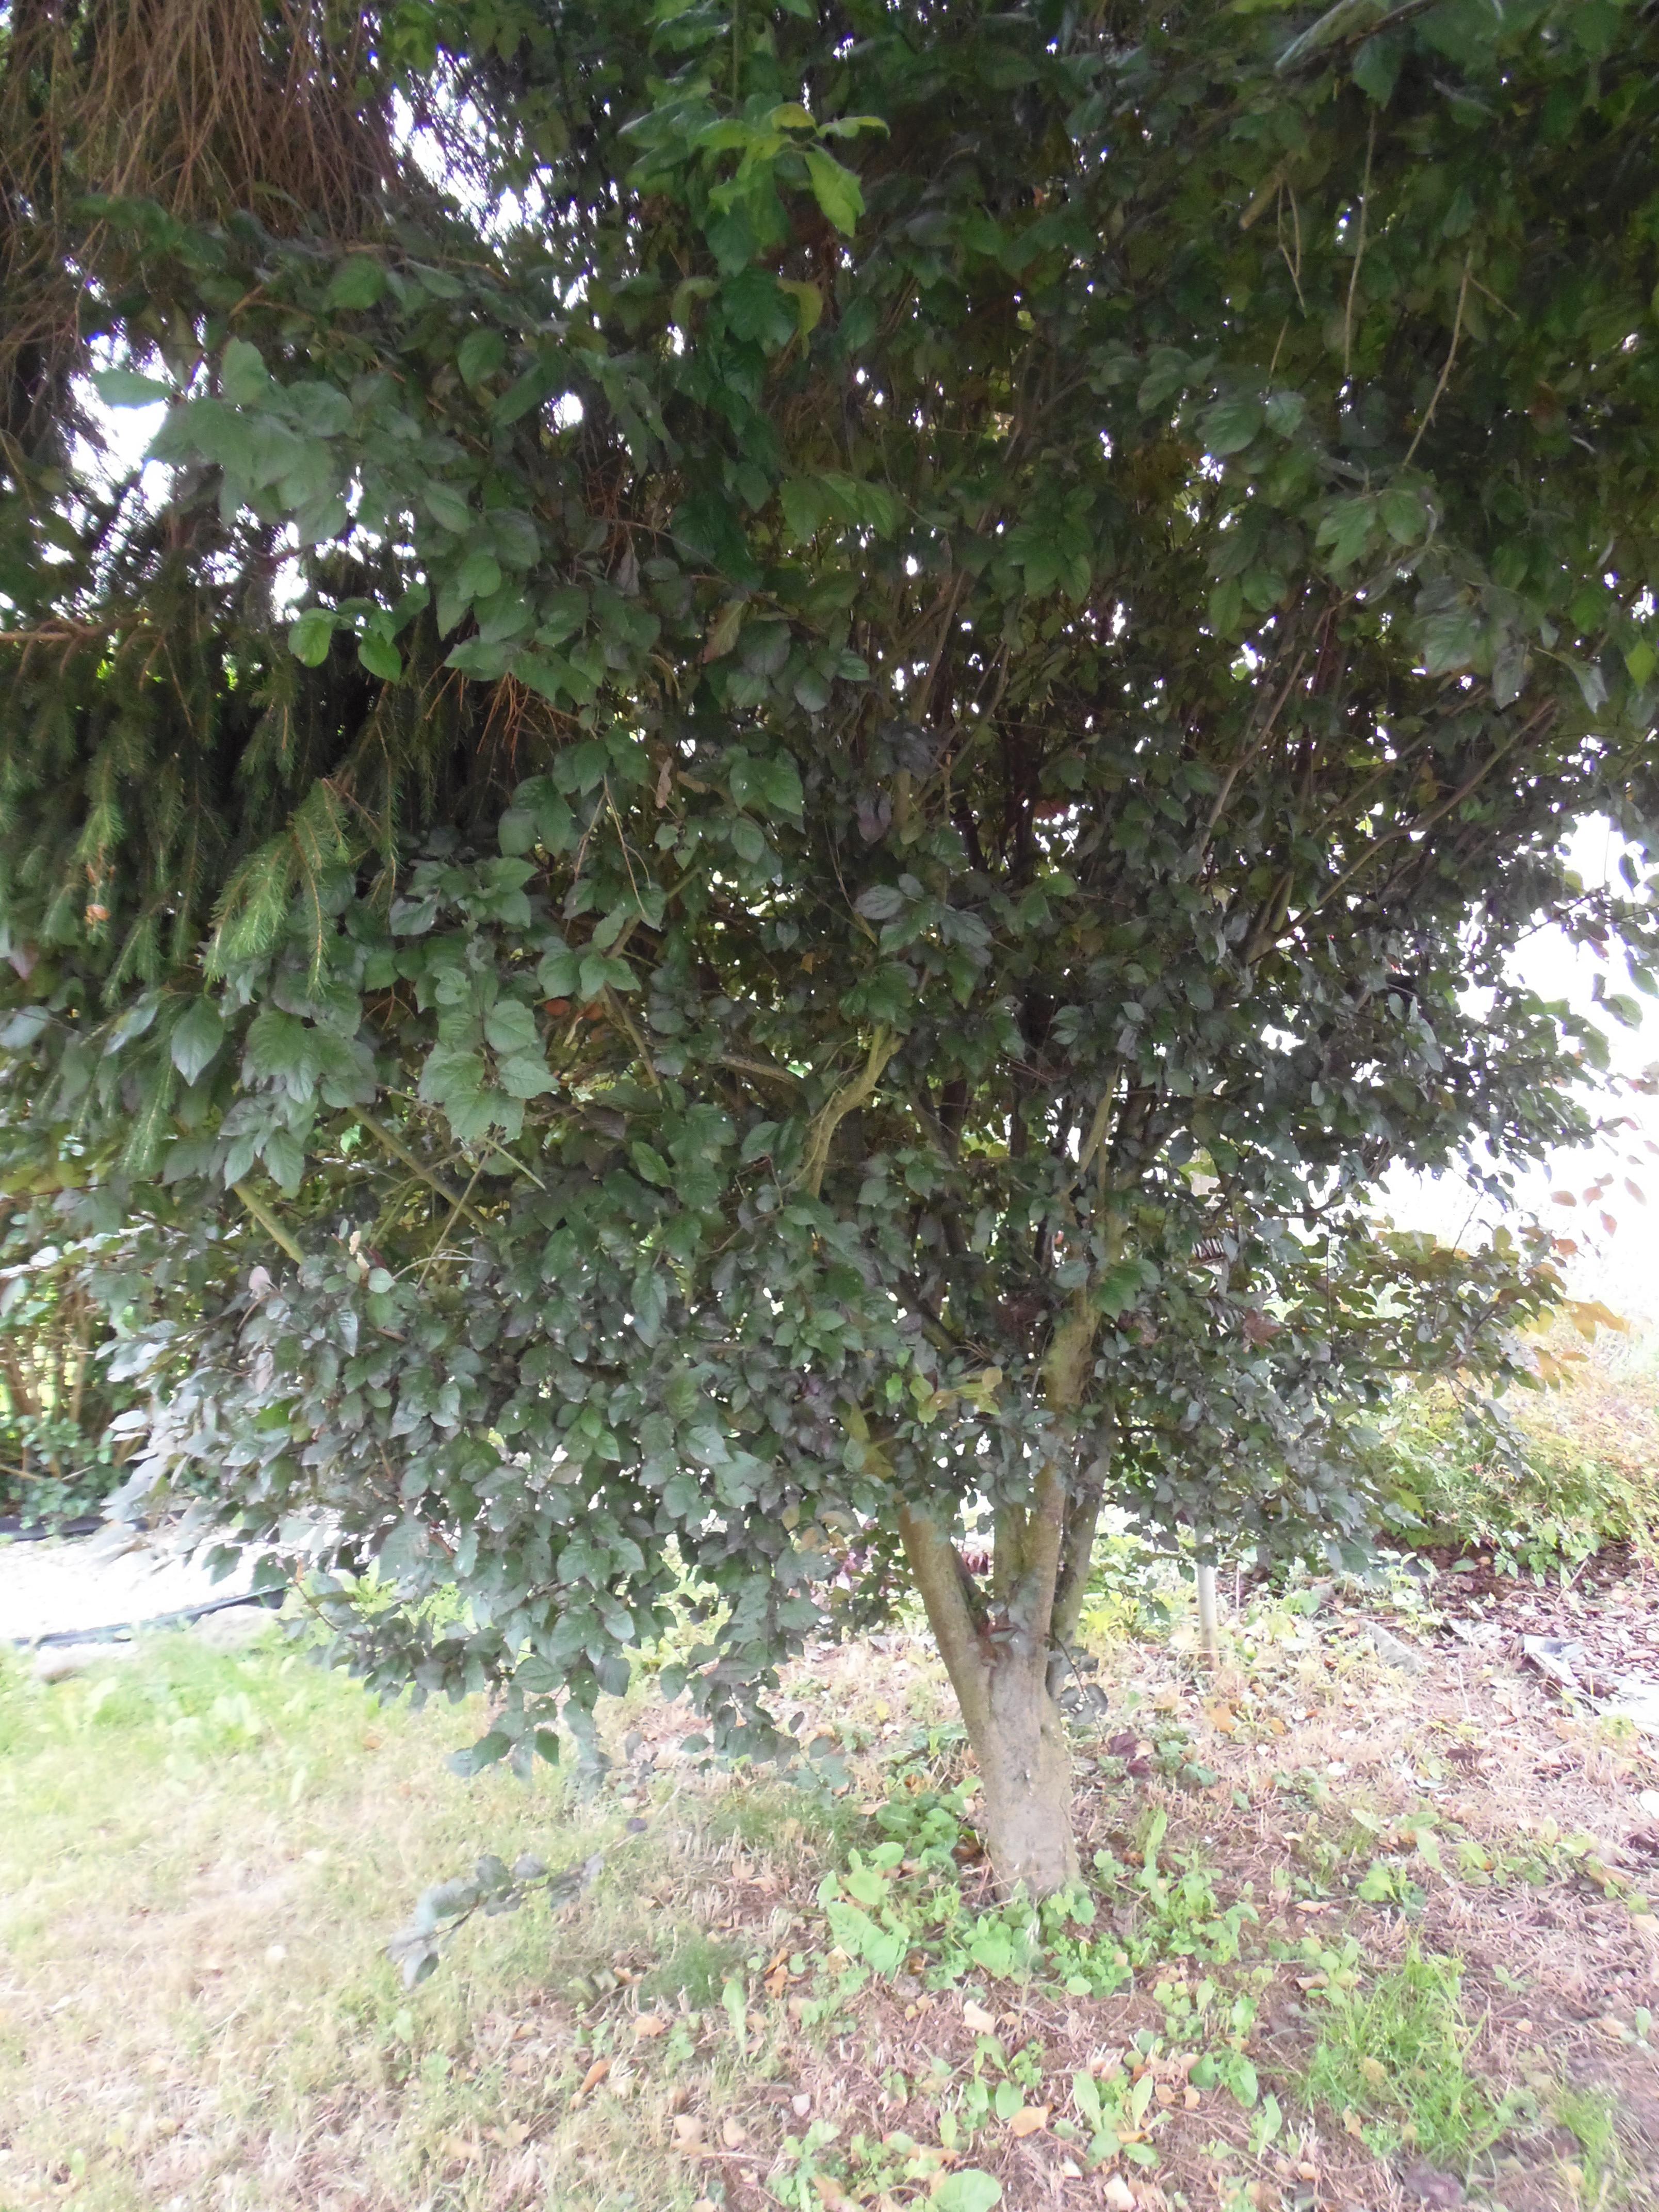 identifie prunus cerasifera arbre fruitier mais lequel au jardin forum de jardinage. Black Bedroom Furniture Sets. Home Design Ideas